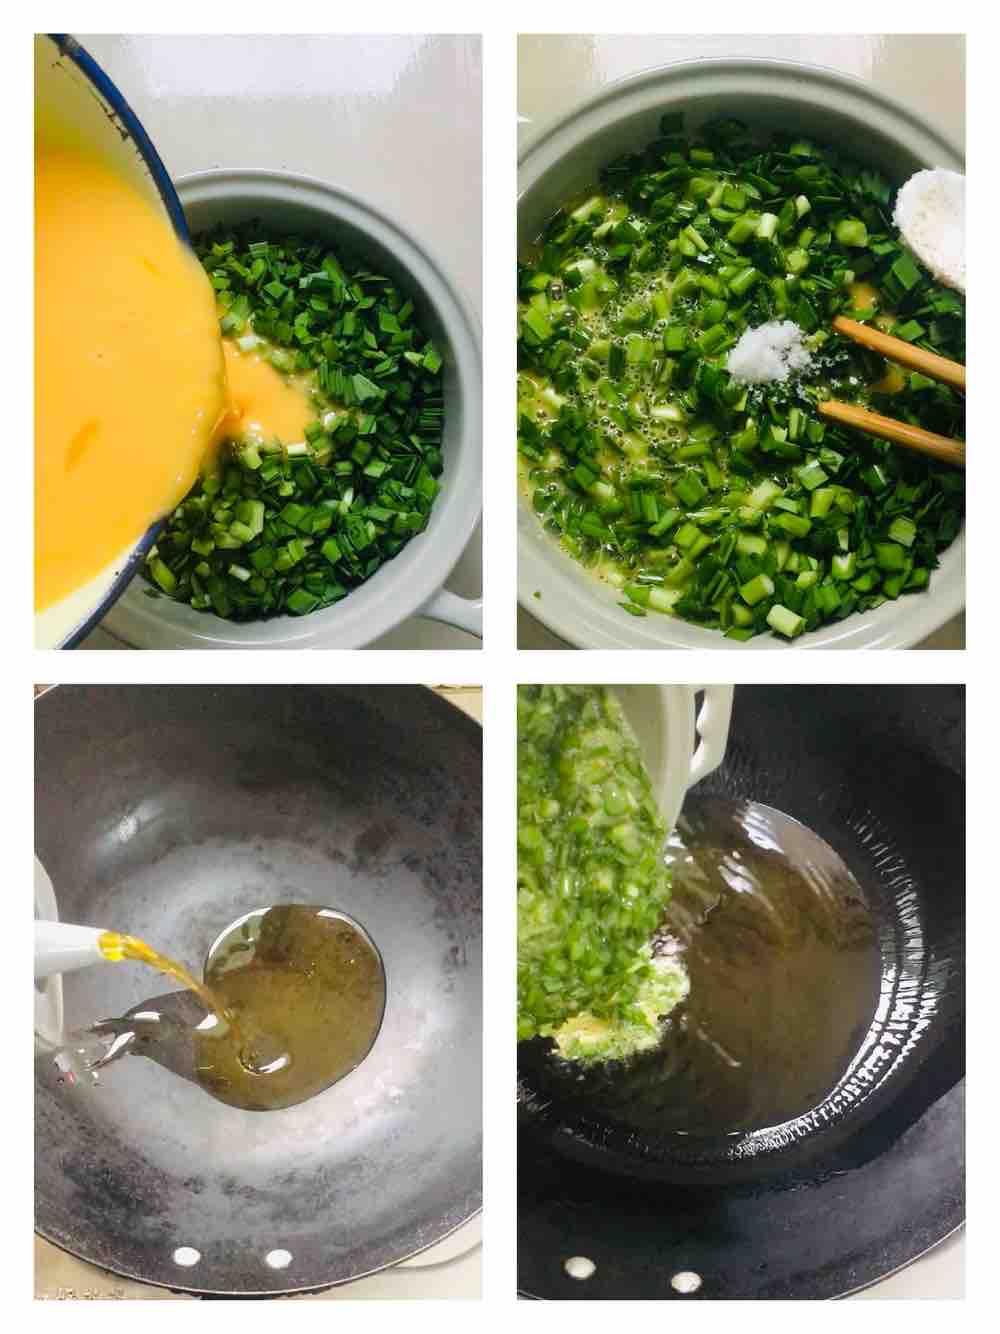 原汁原味韭菜炒鸡蛋的做法图解